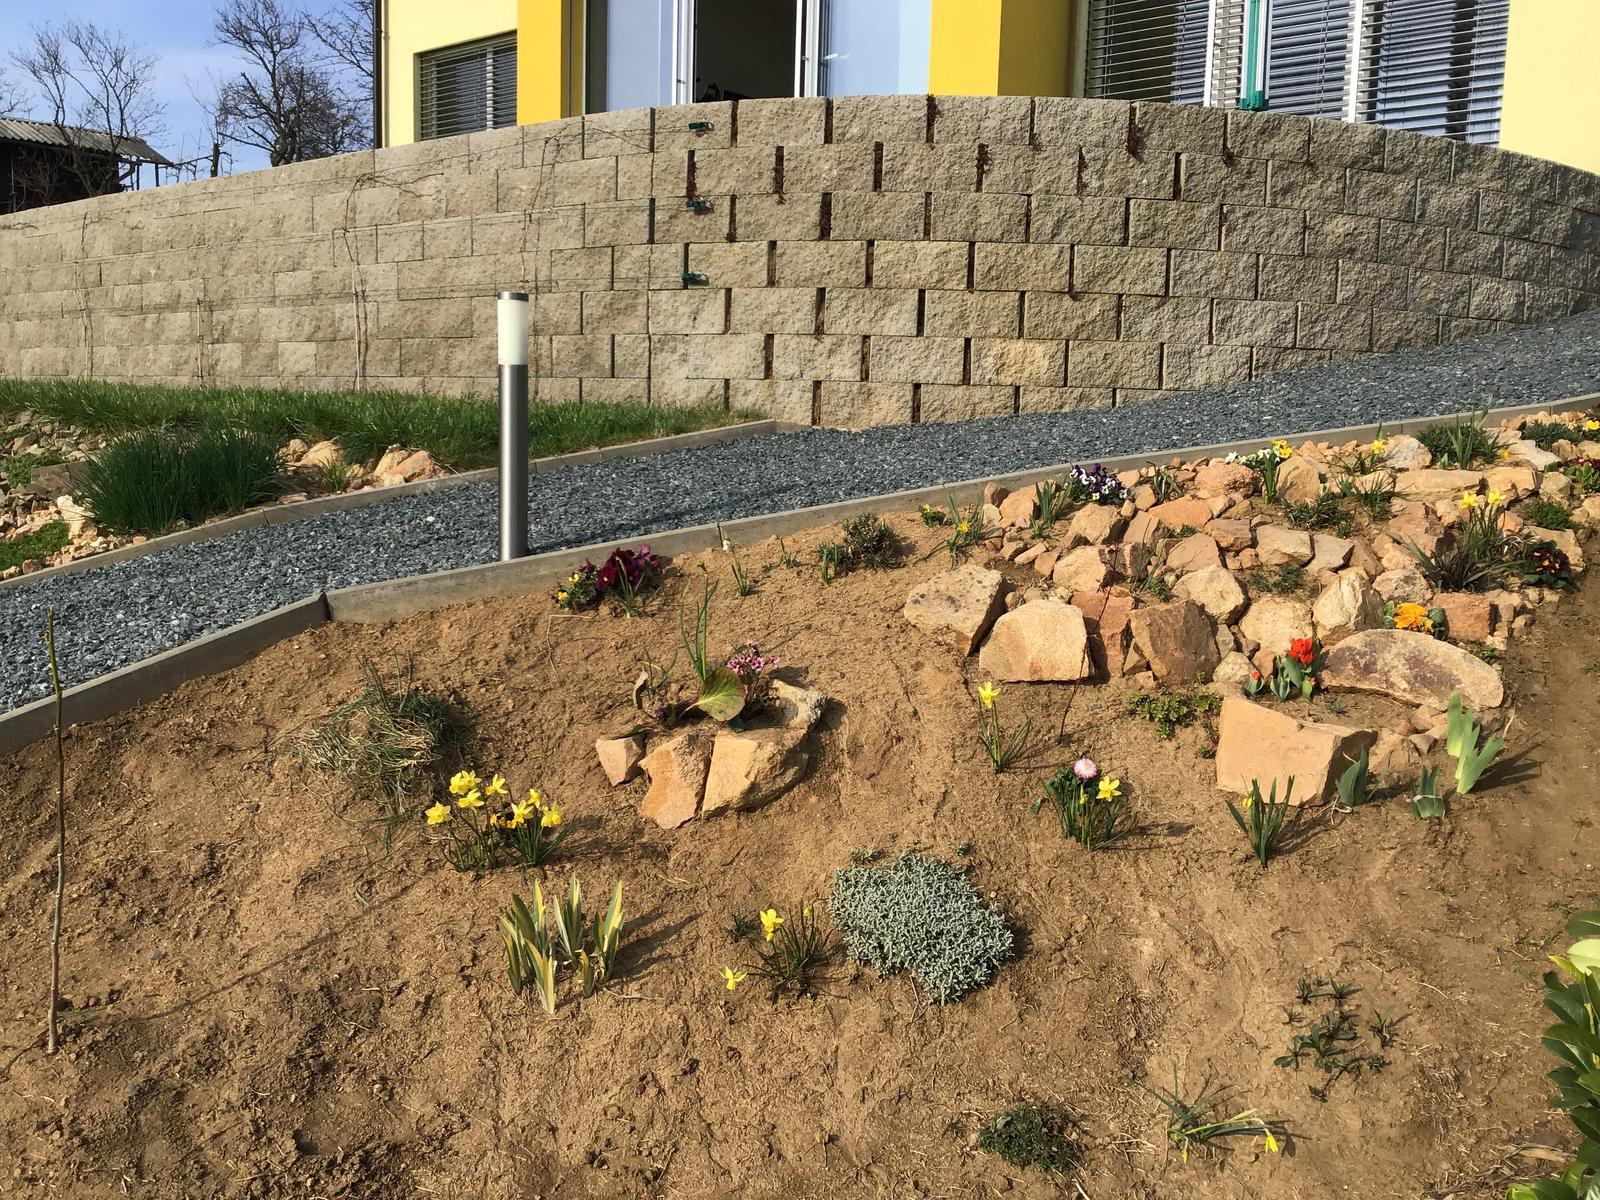 Fáze druhá ... zahrada - Duben 2019 - rostliny raší a tedy jsou vidět, tak pokračuju v budování květinové skalky, zasadila jsem červený dlanitolistý javor, magnólii, damašskou růži, primule a velkokvětou sedmikrásku